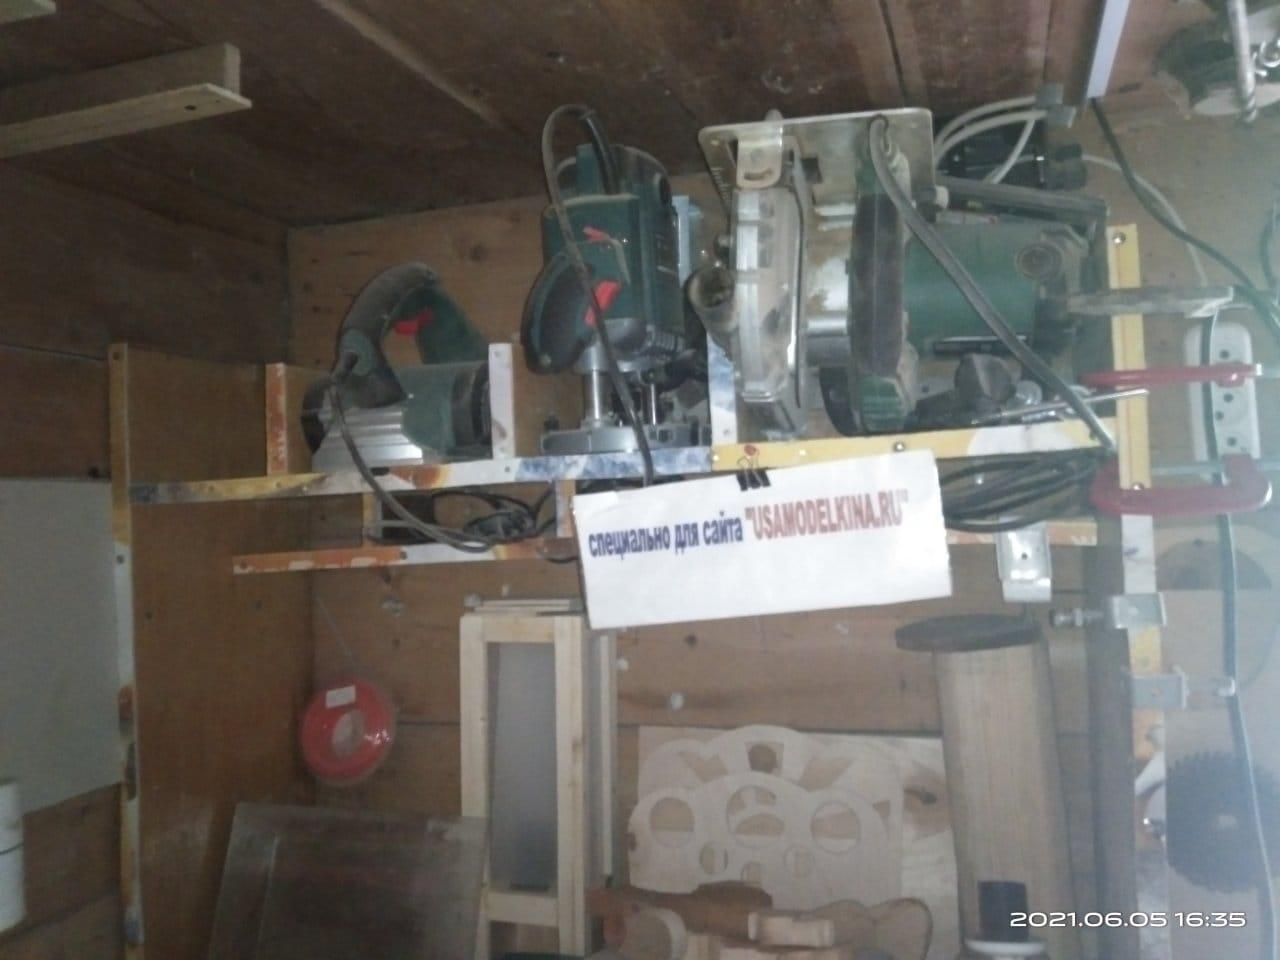 Навесная полка-шкаф для хранения электроинструмента с ящиками для метизов из канистр